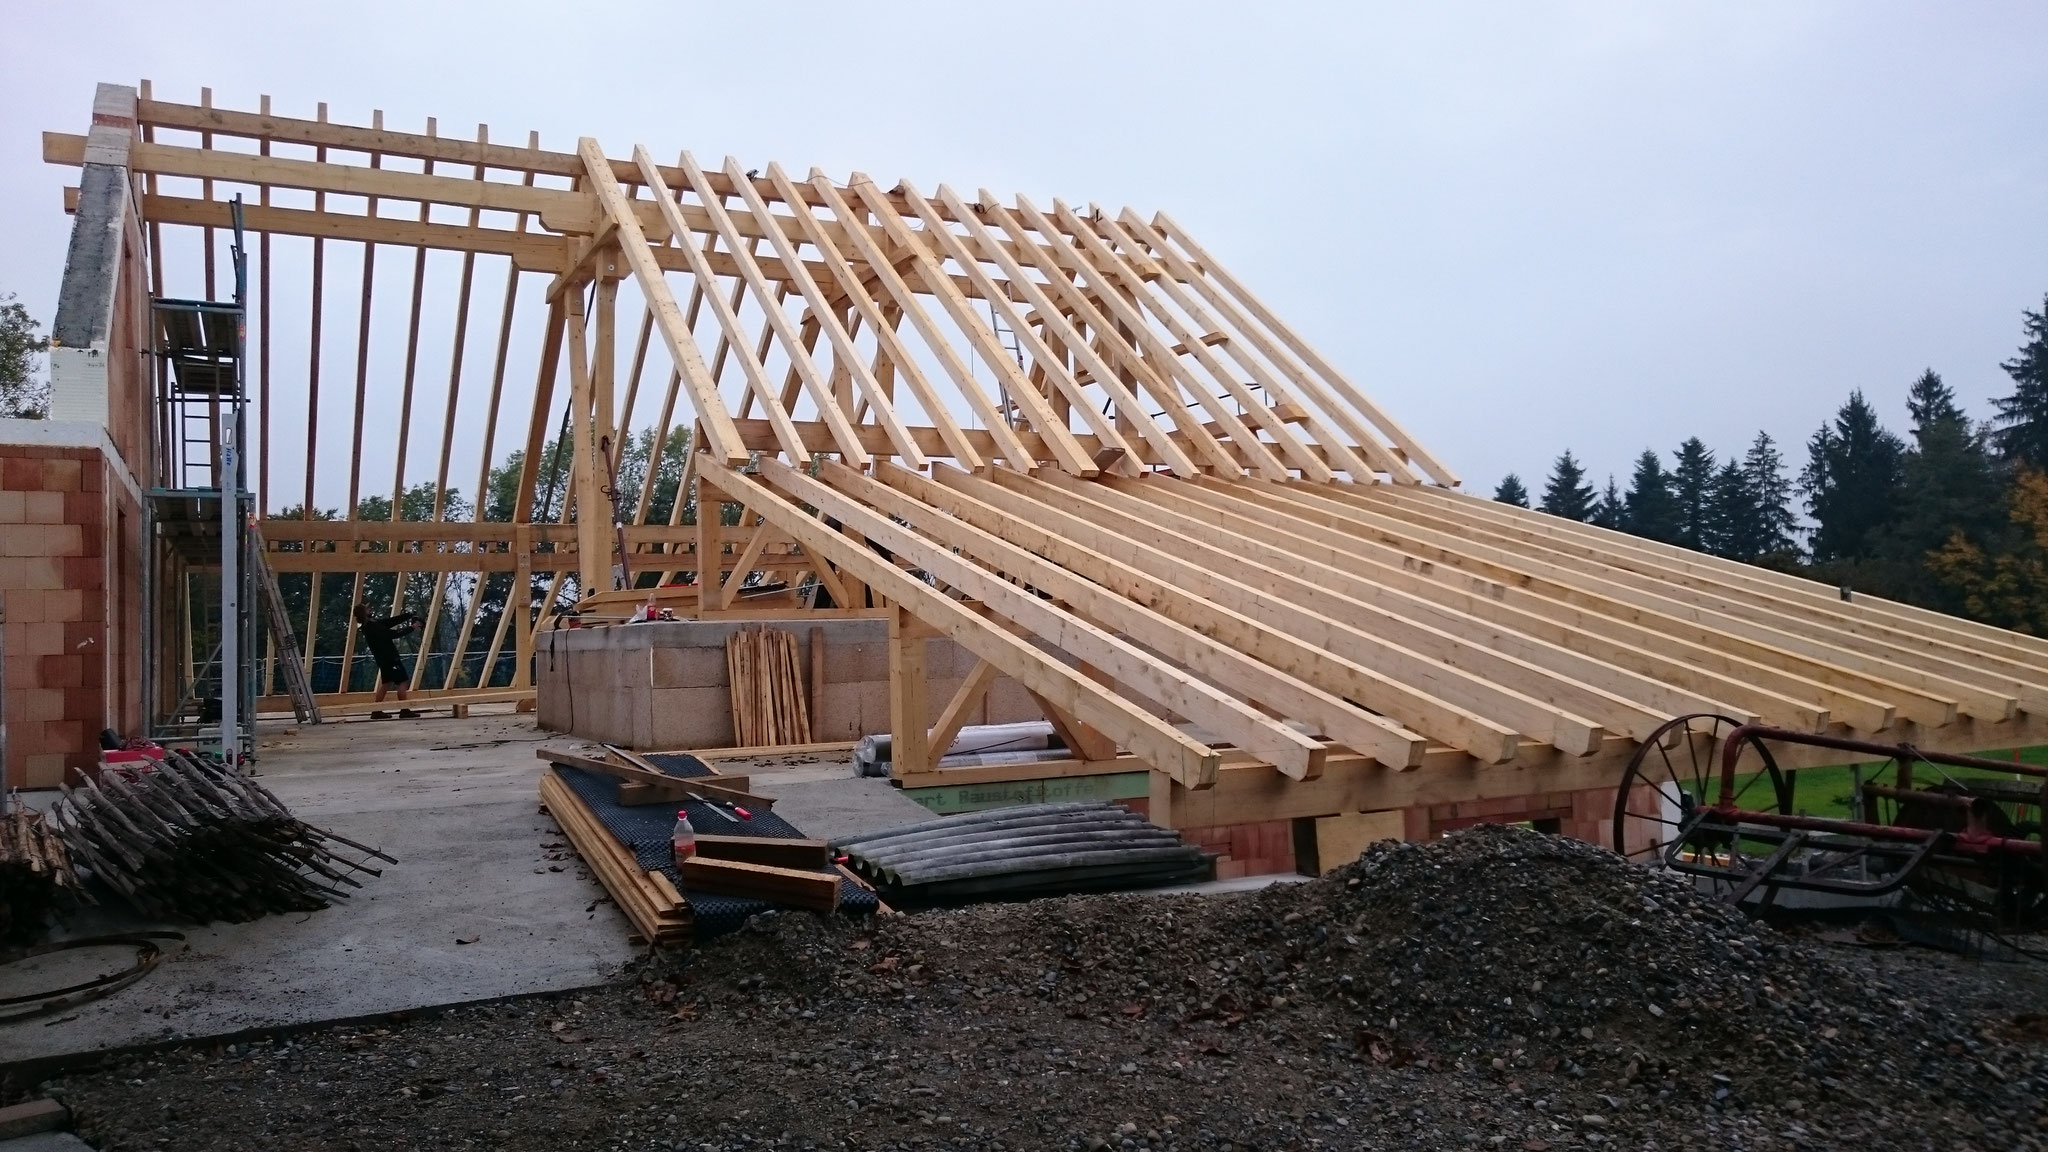 Bauphase, Sanierung Bauernhof in Niederstaufen, Dachstuhl